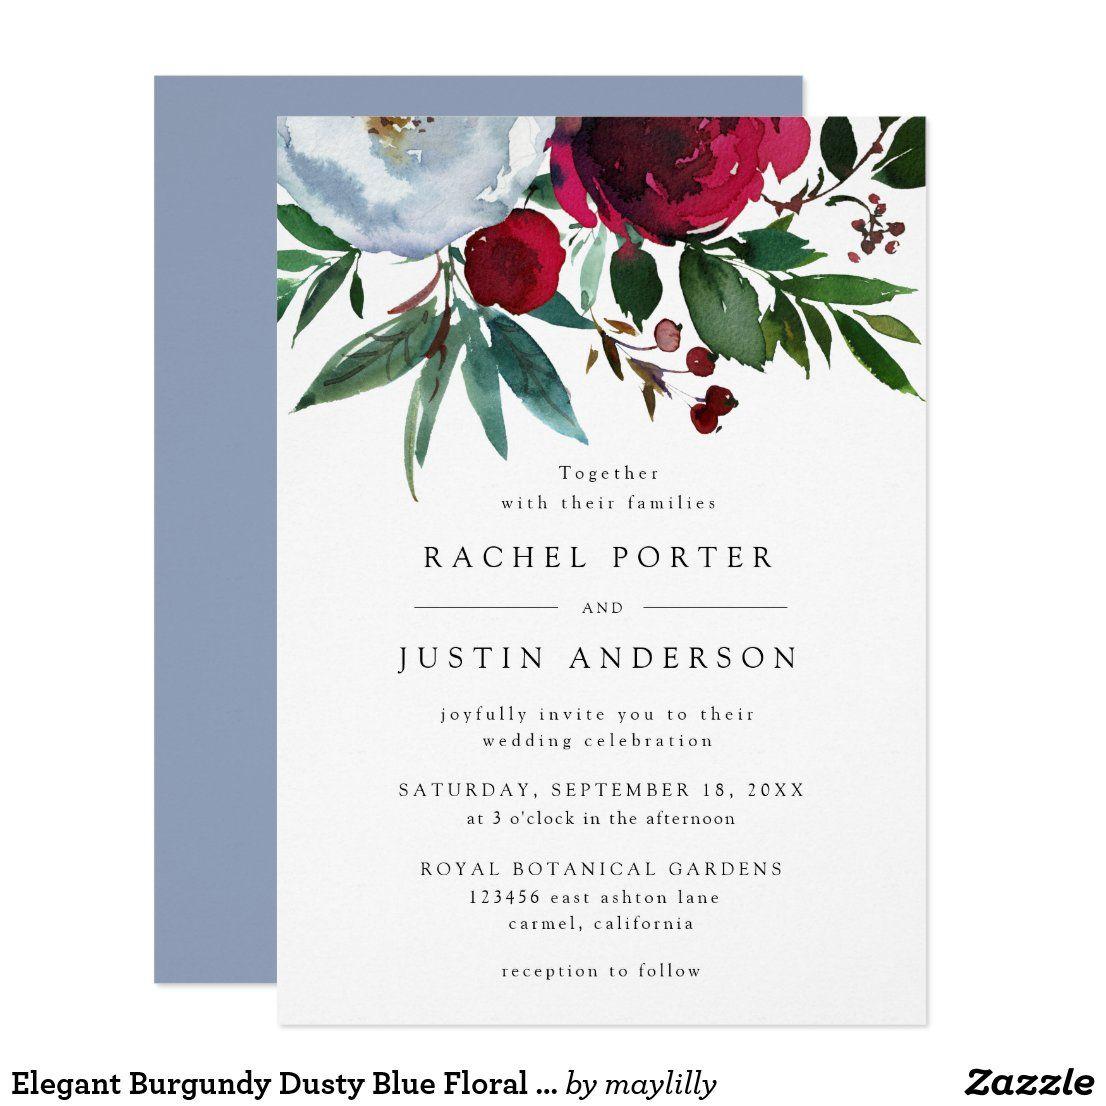 Elegant Burgundy Dusty Blue Floral Rustic Wedding